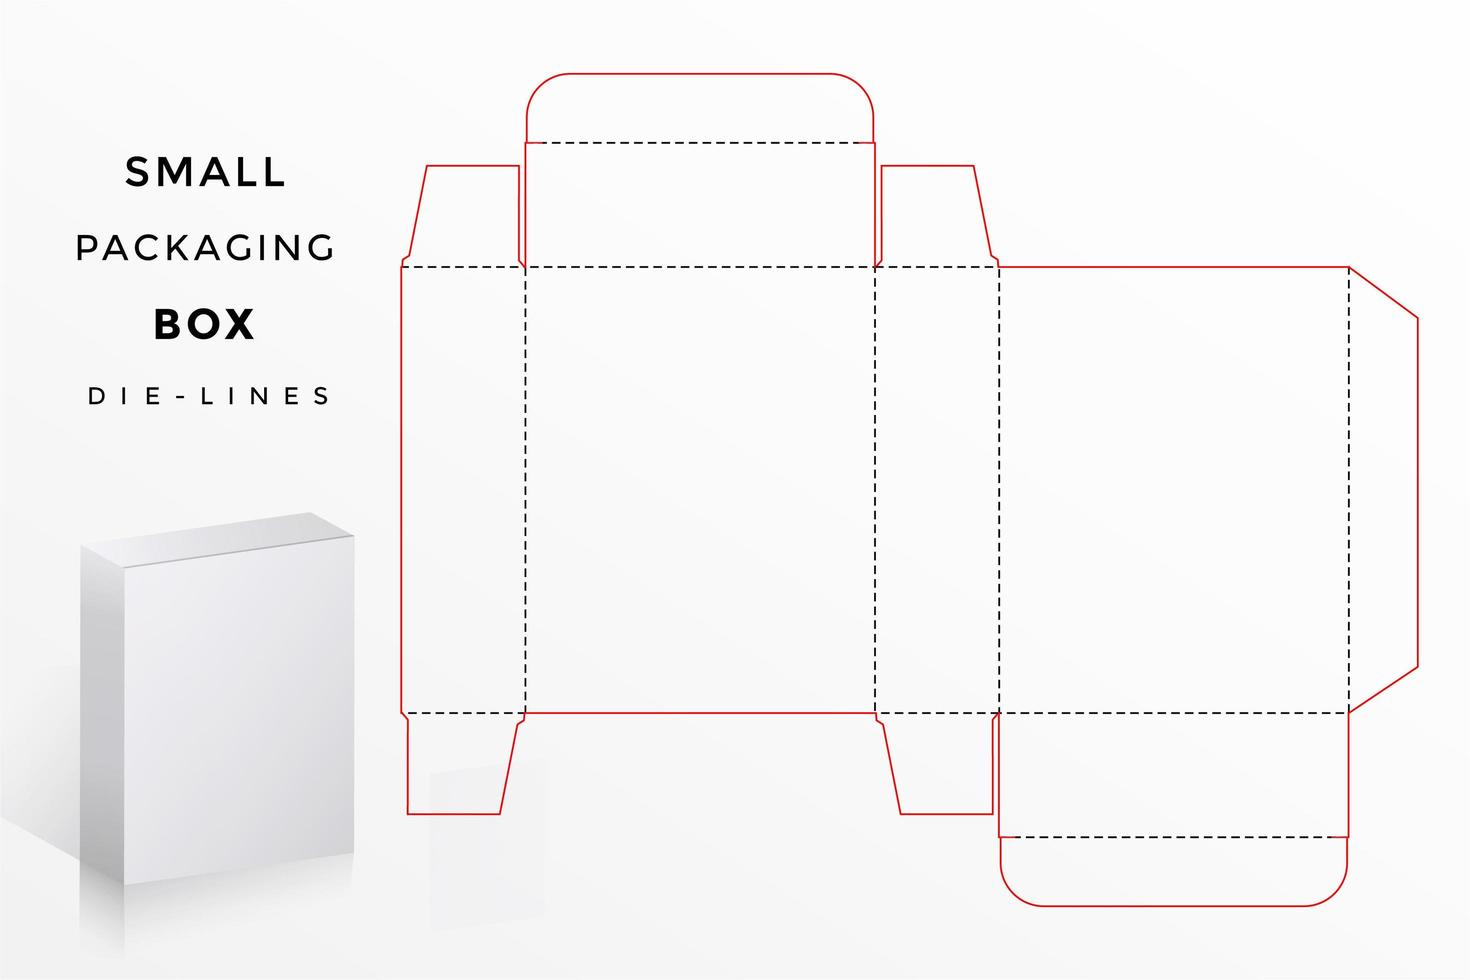 kleine doos die lijnen vector